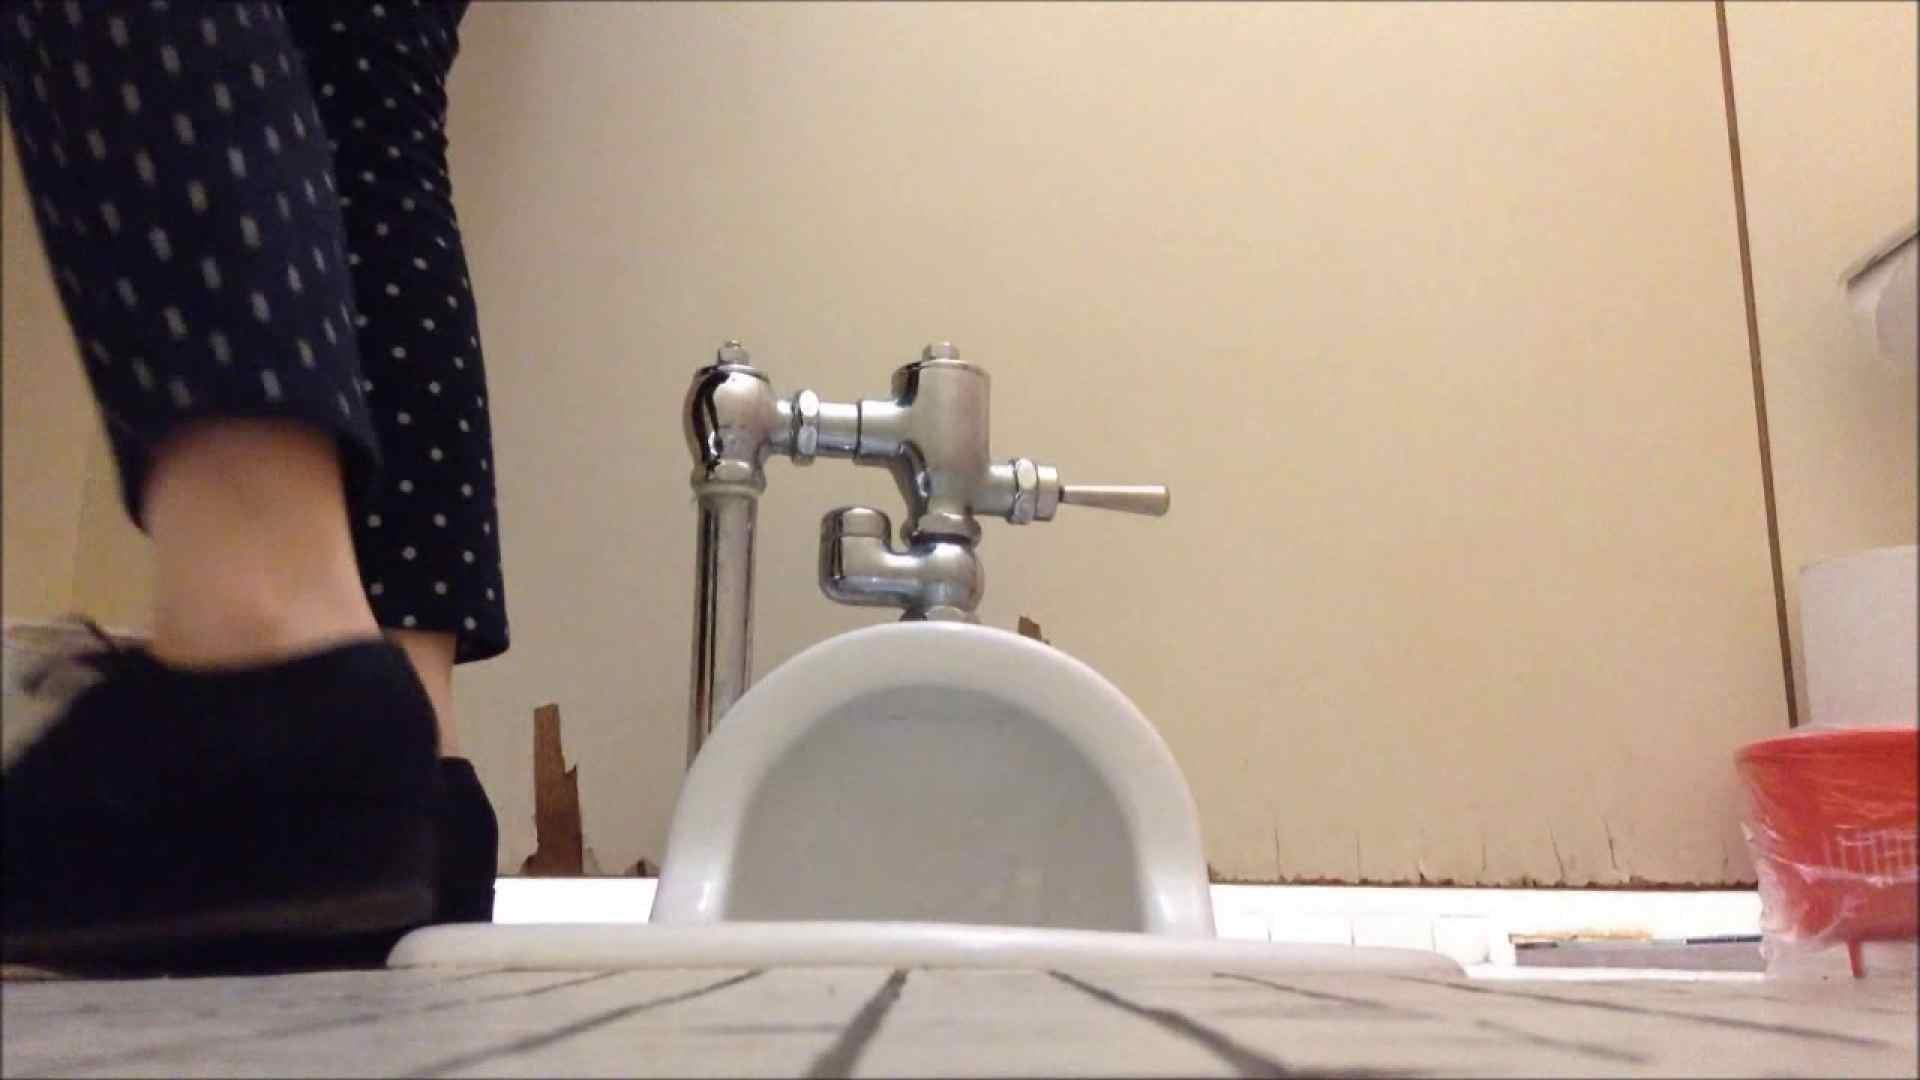 某有名大学女性洗面所 vol.04 和式  20Pix 7